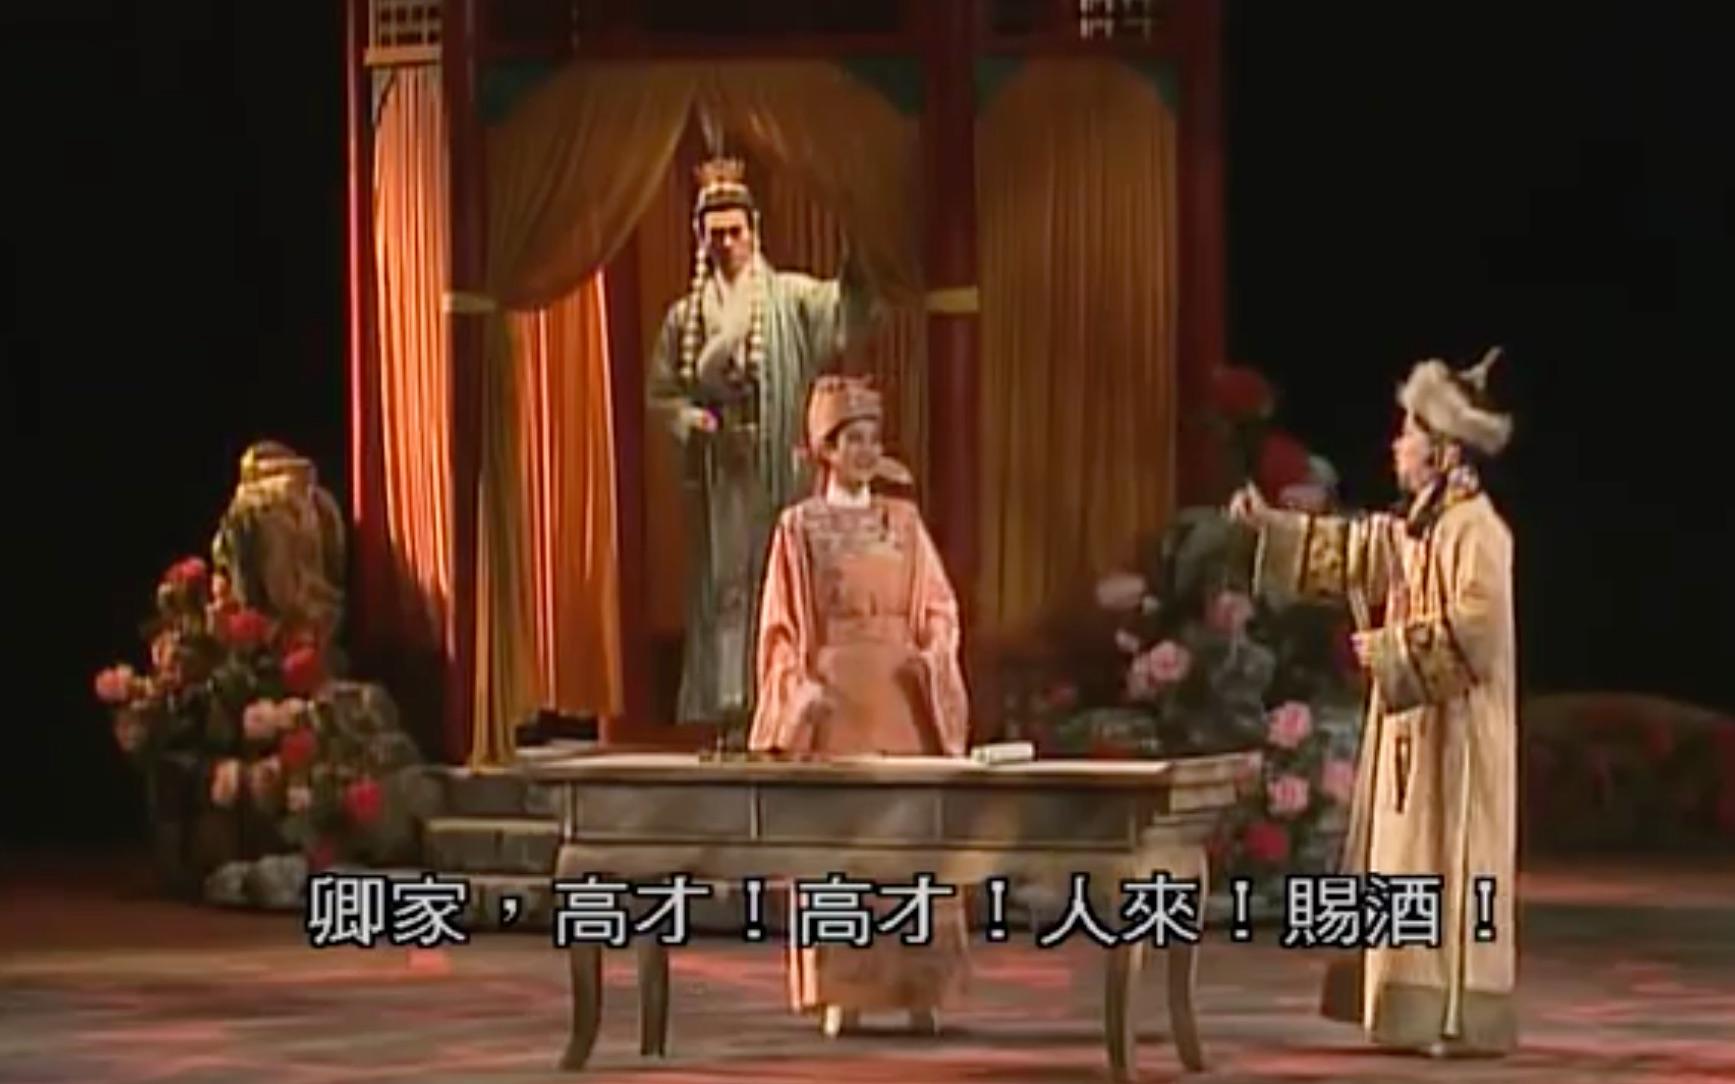 天之驕子 音樂劇_嗶哩嗶哩 (゜-゜)つロ 干杯~-bilibili